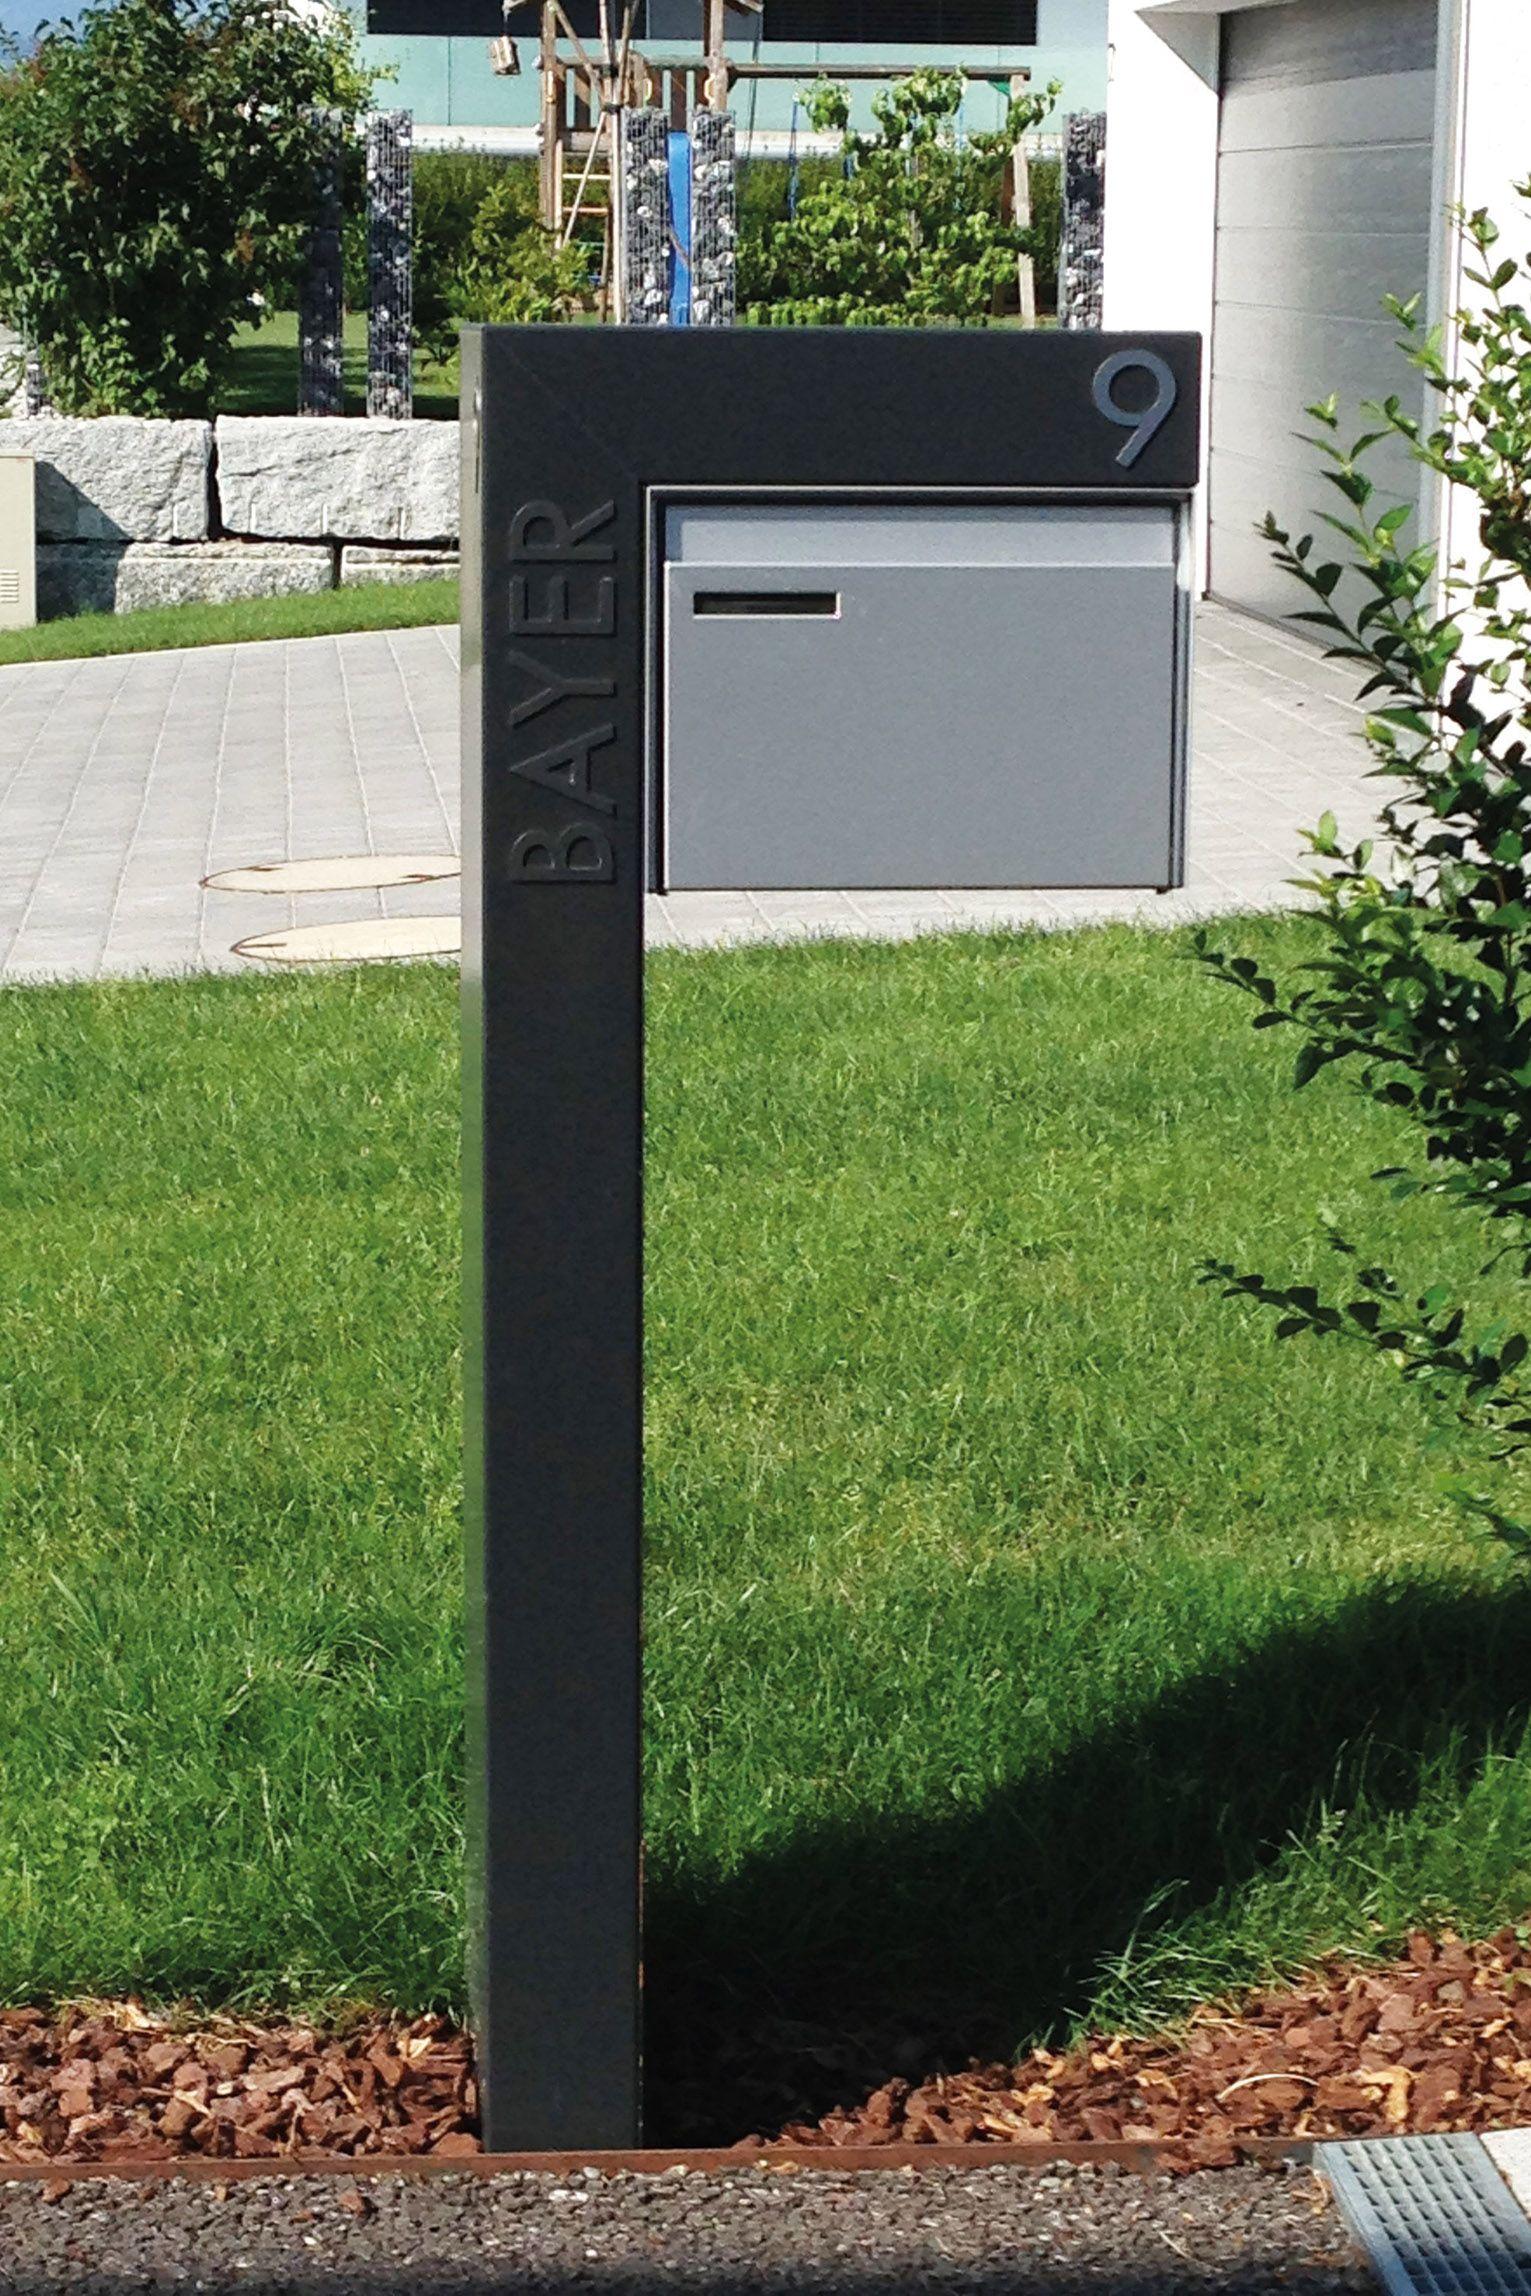 Pin Von Christa Rief Auf Briefkasten Freistehend In 2020 Briefkasten Freistehend Briefkasten Vorgarten Garten